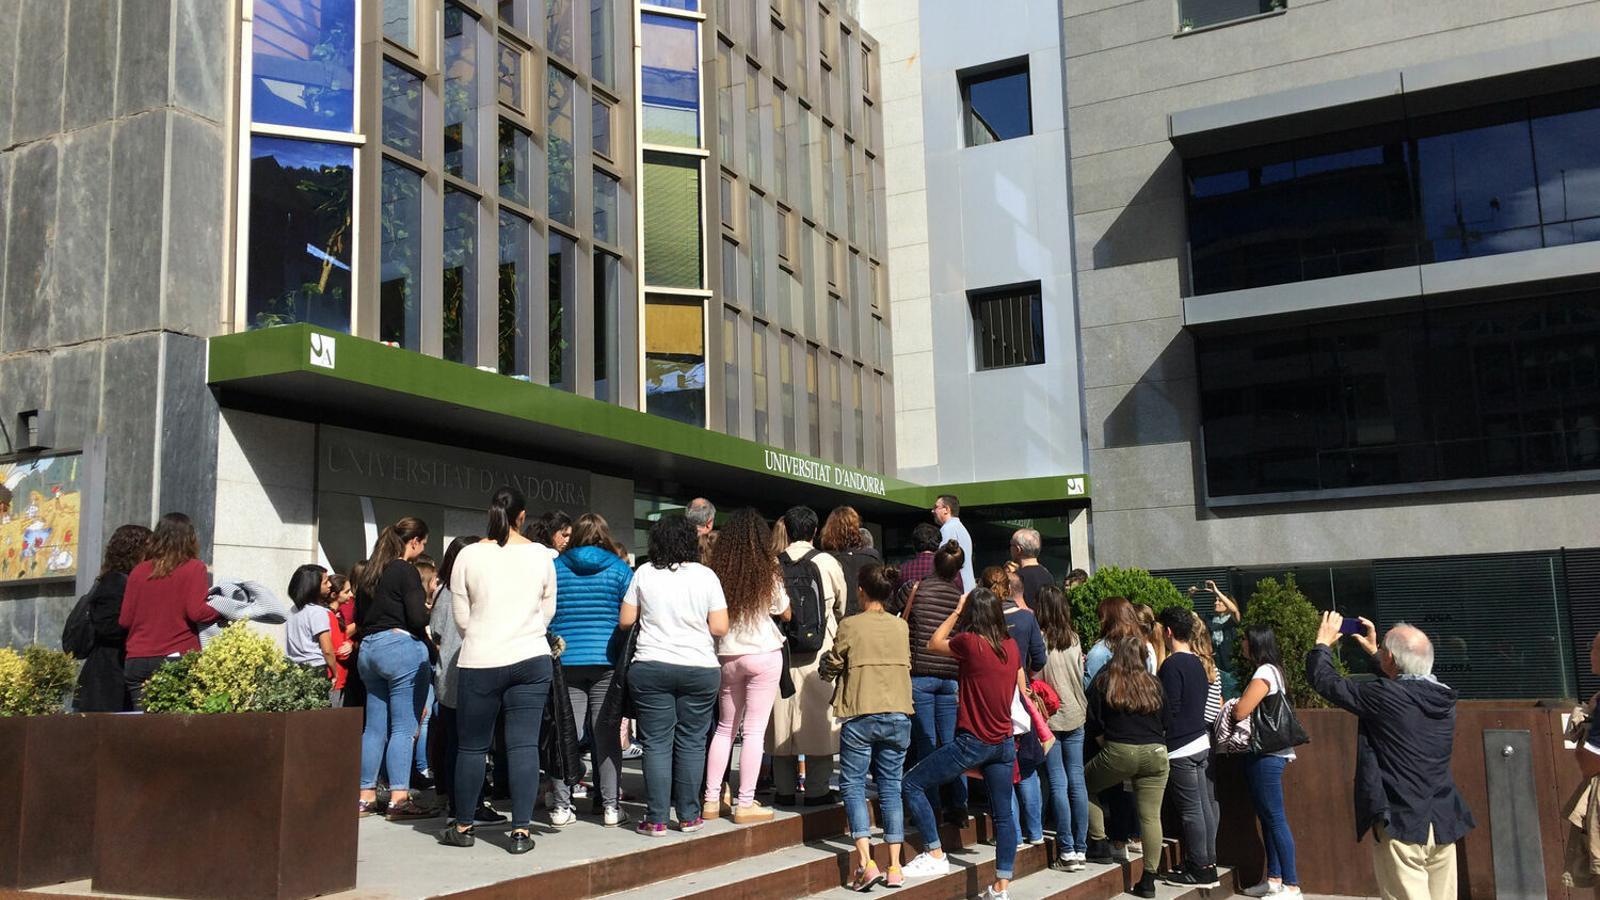 Alumnes a l'exterior de l'UdA. / Arxiu ANA